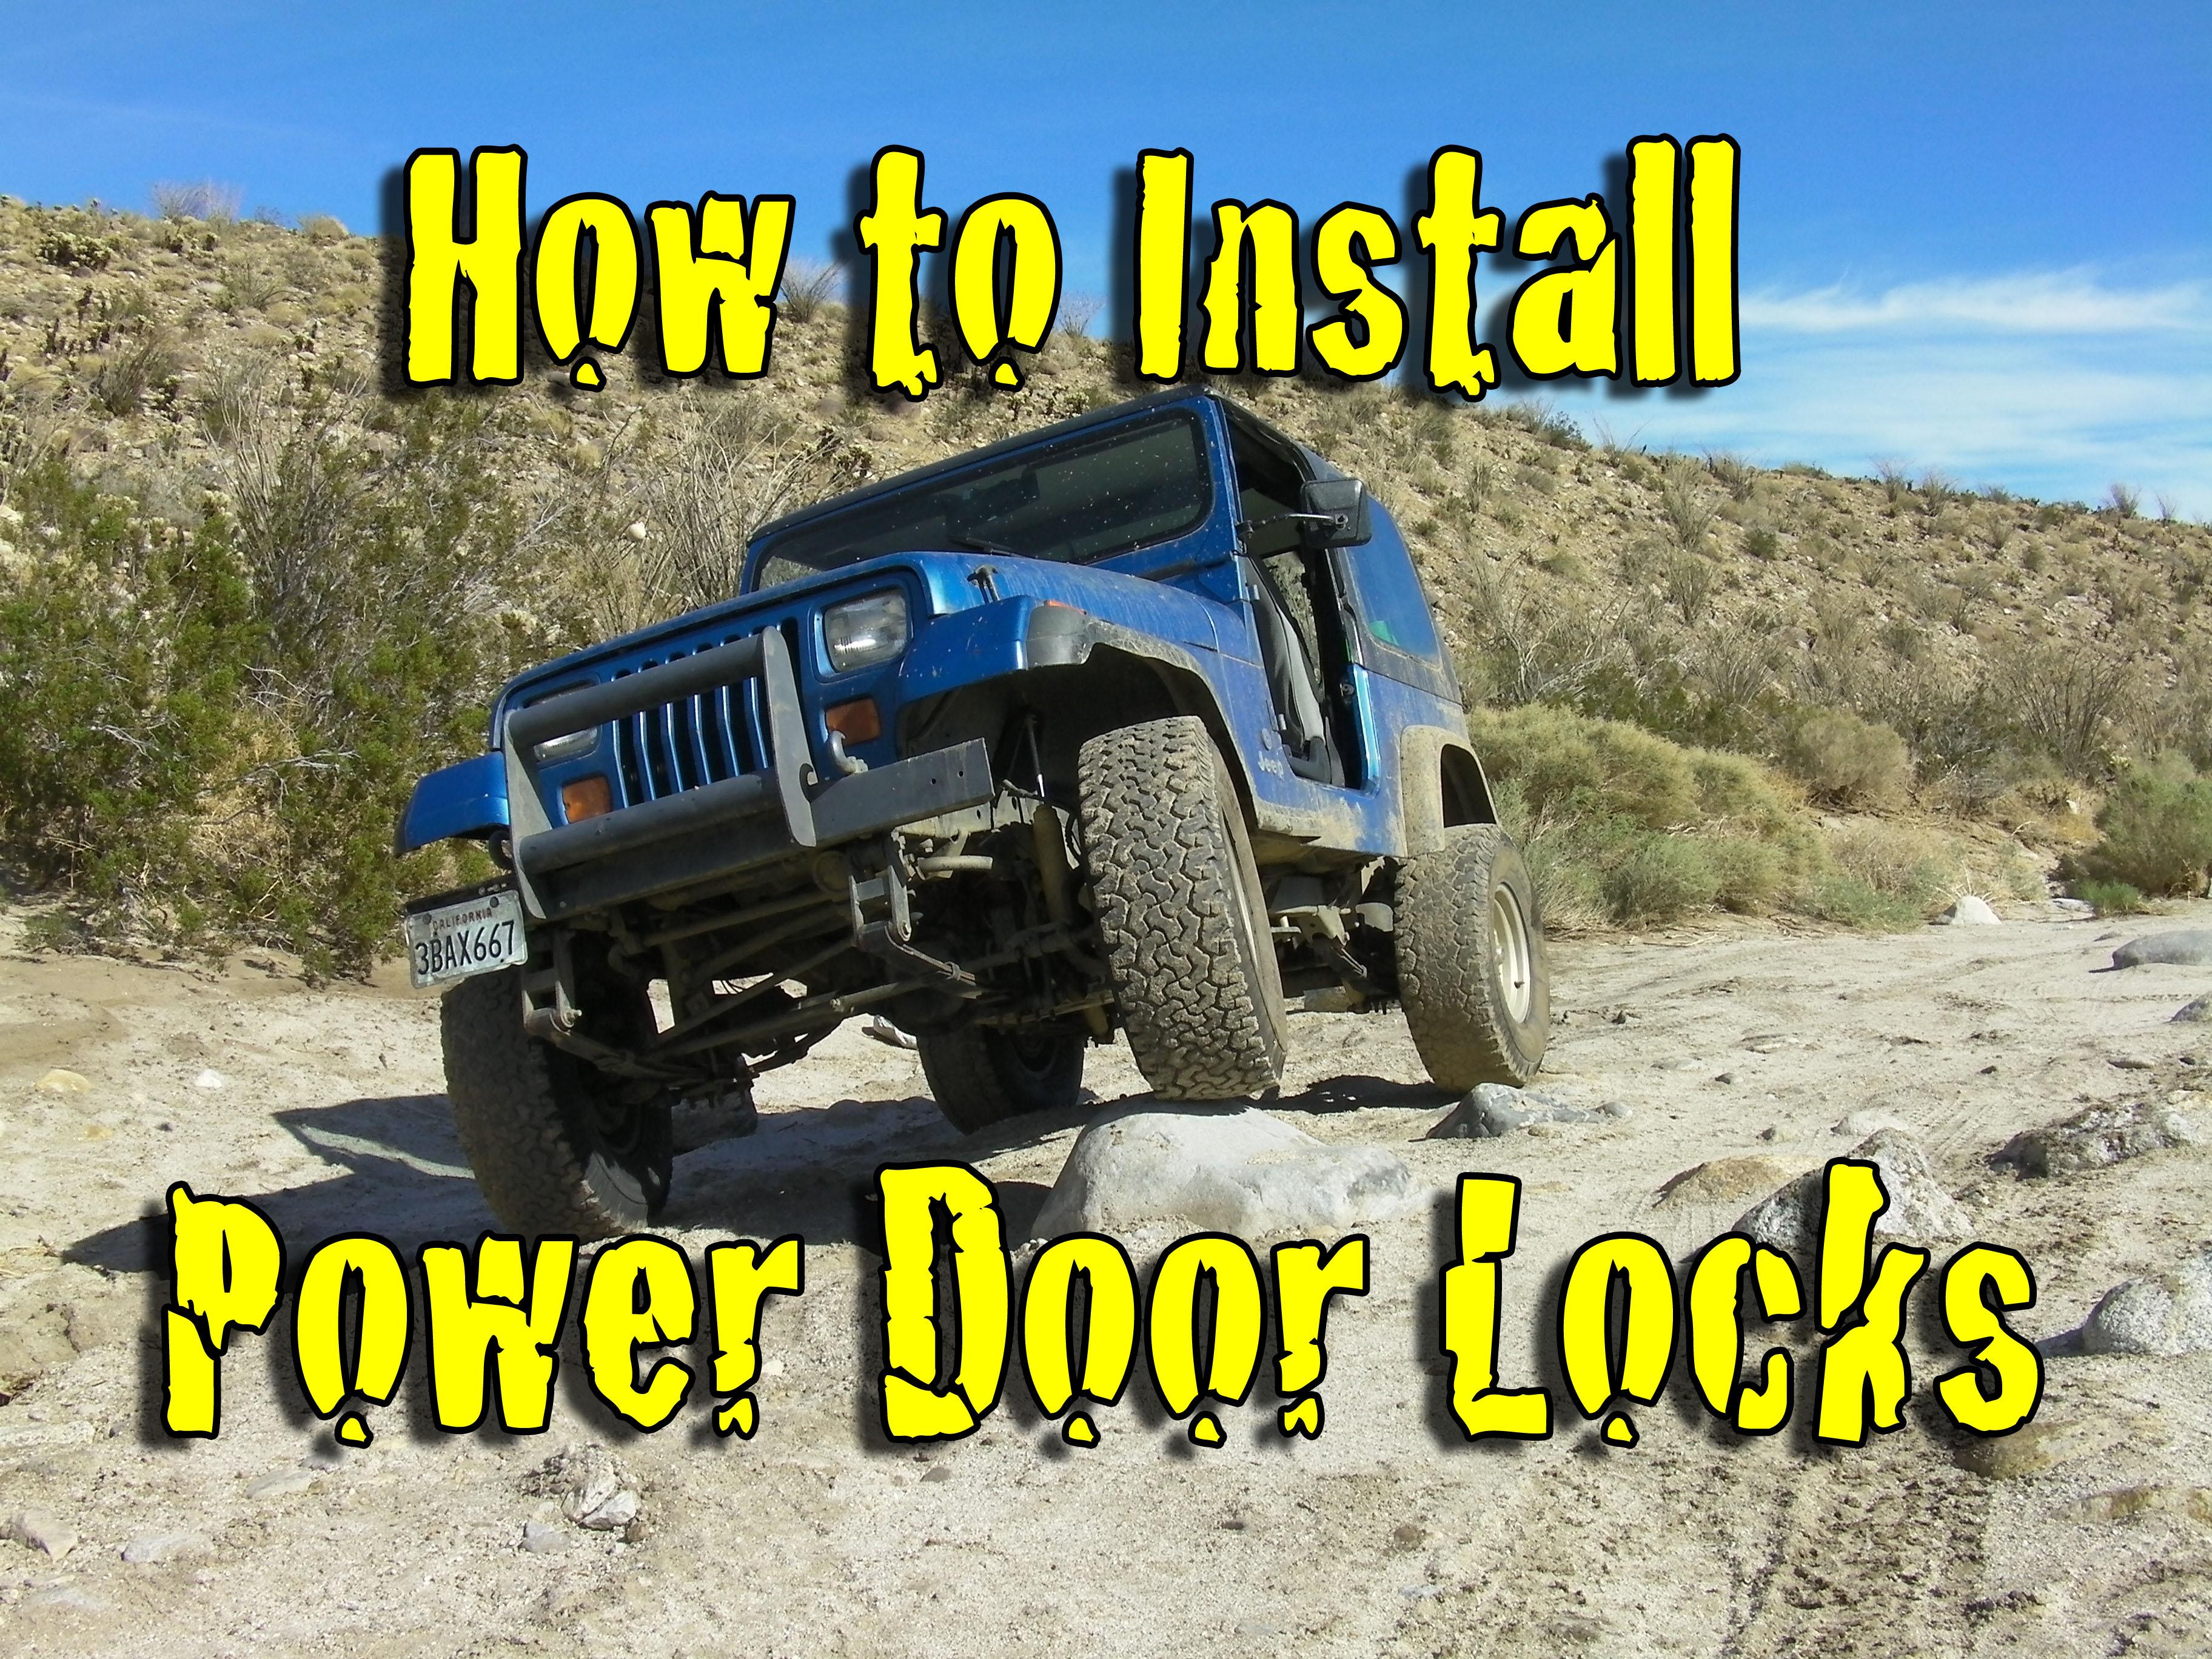 how to install power door locks featured